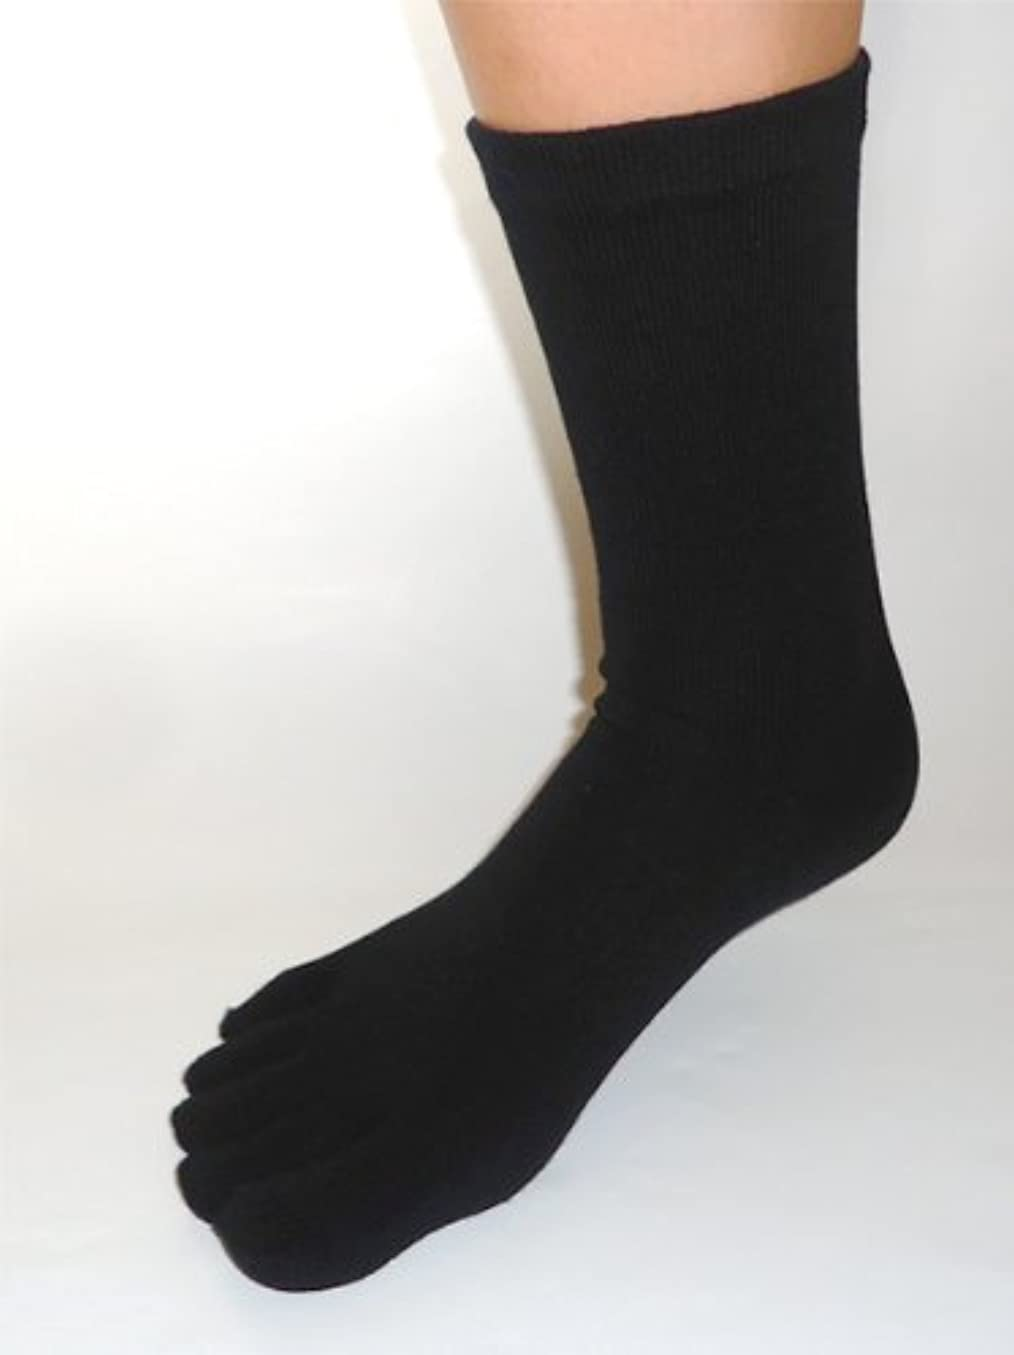 難しい雑多な霜日本製 紳士5本指靴下 こだわりシルク 24~26cm お買得3色3足組